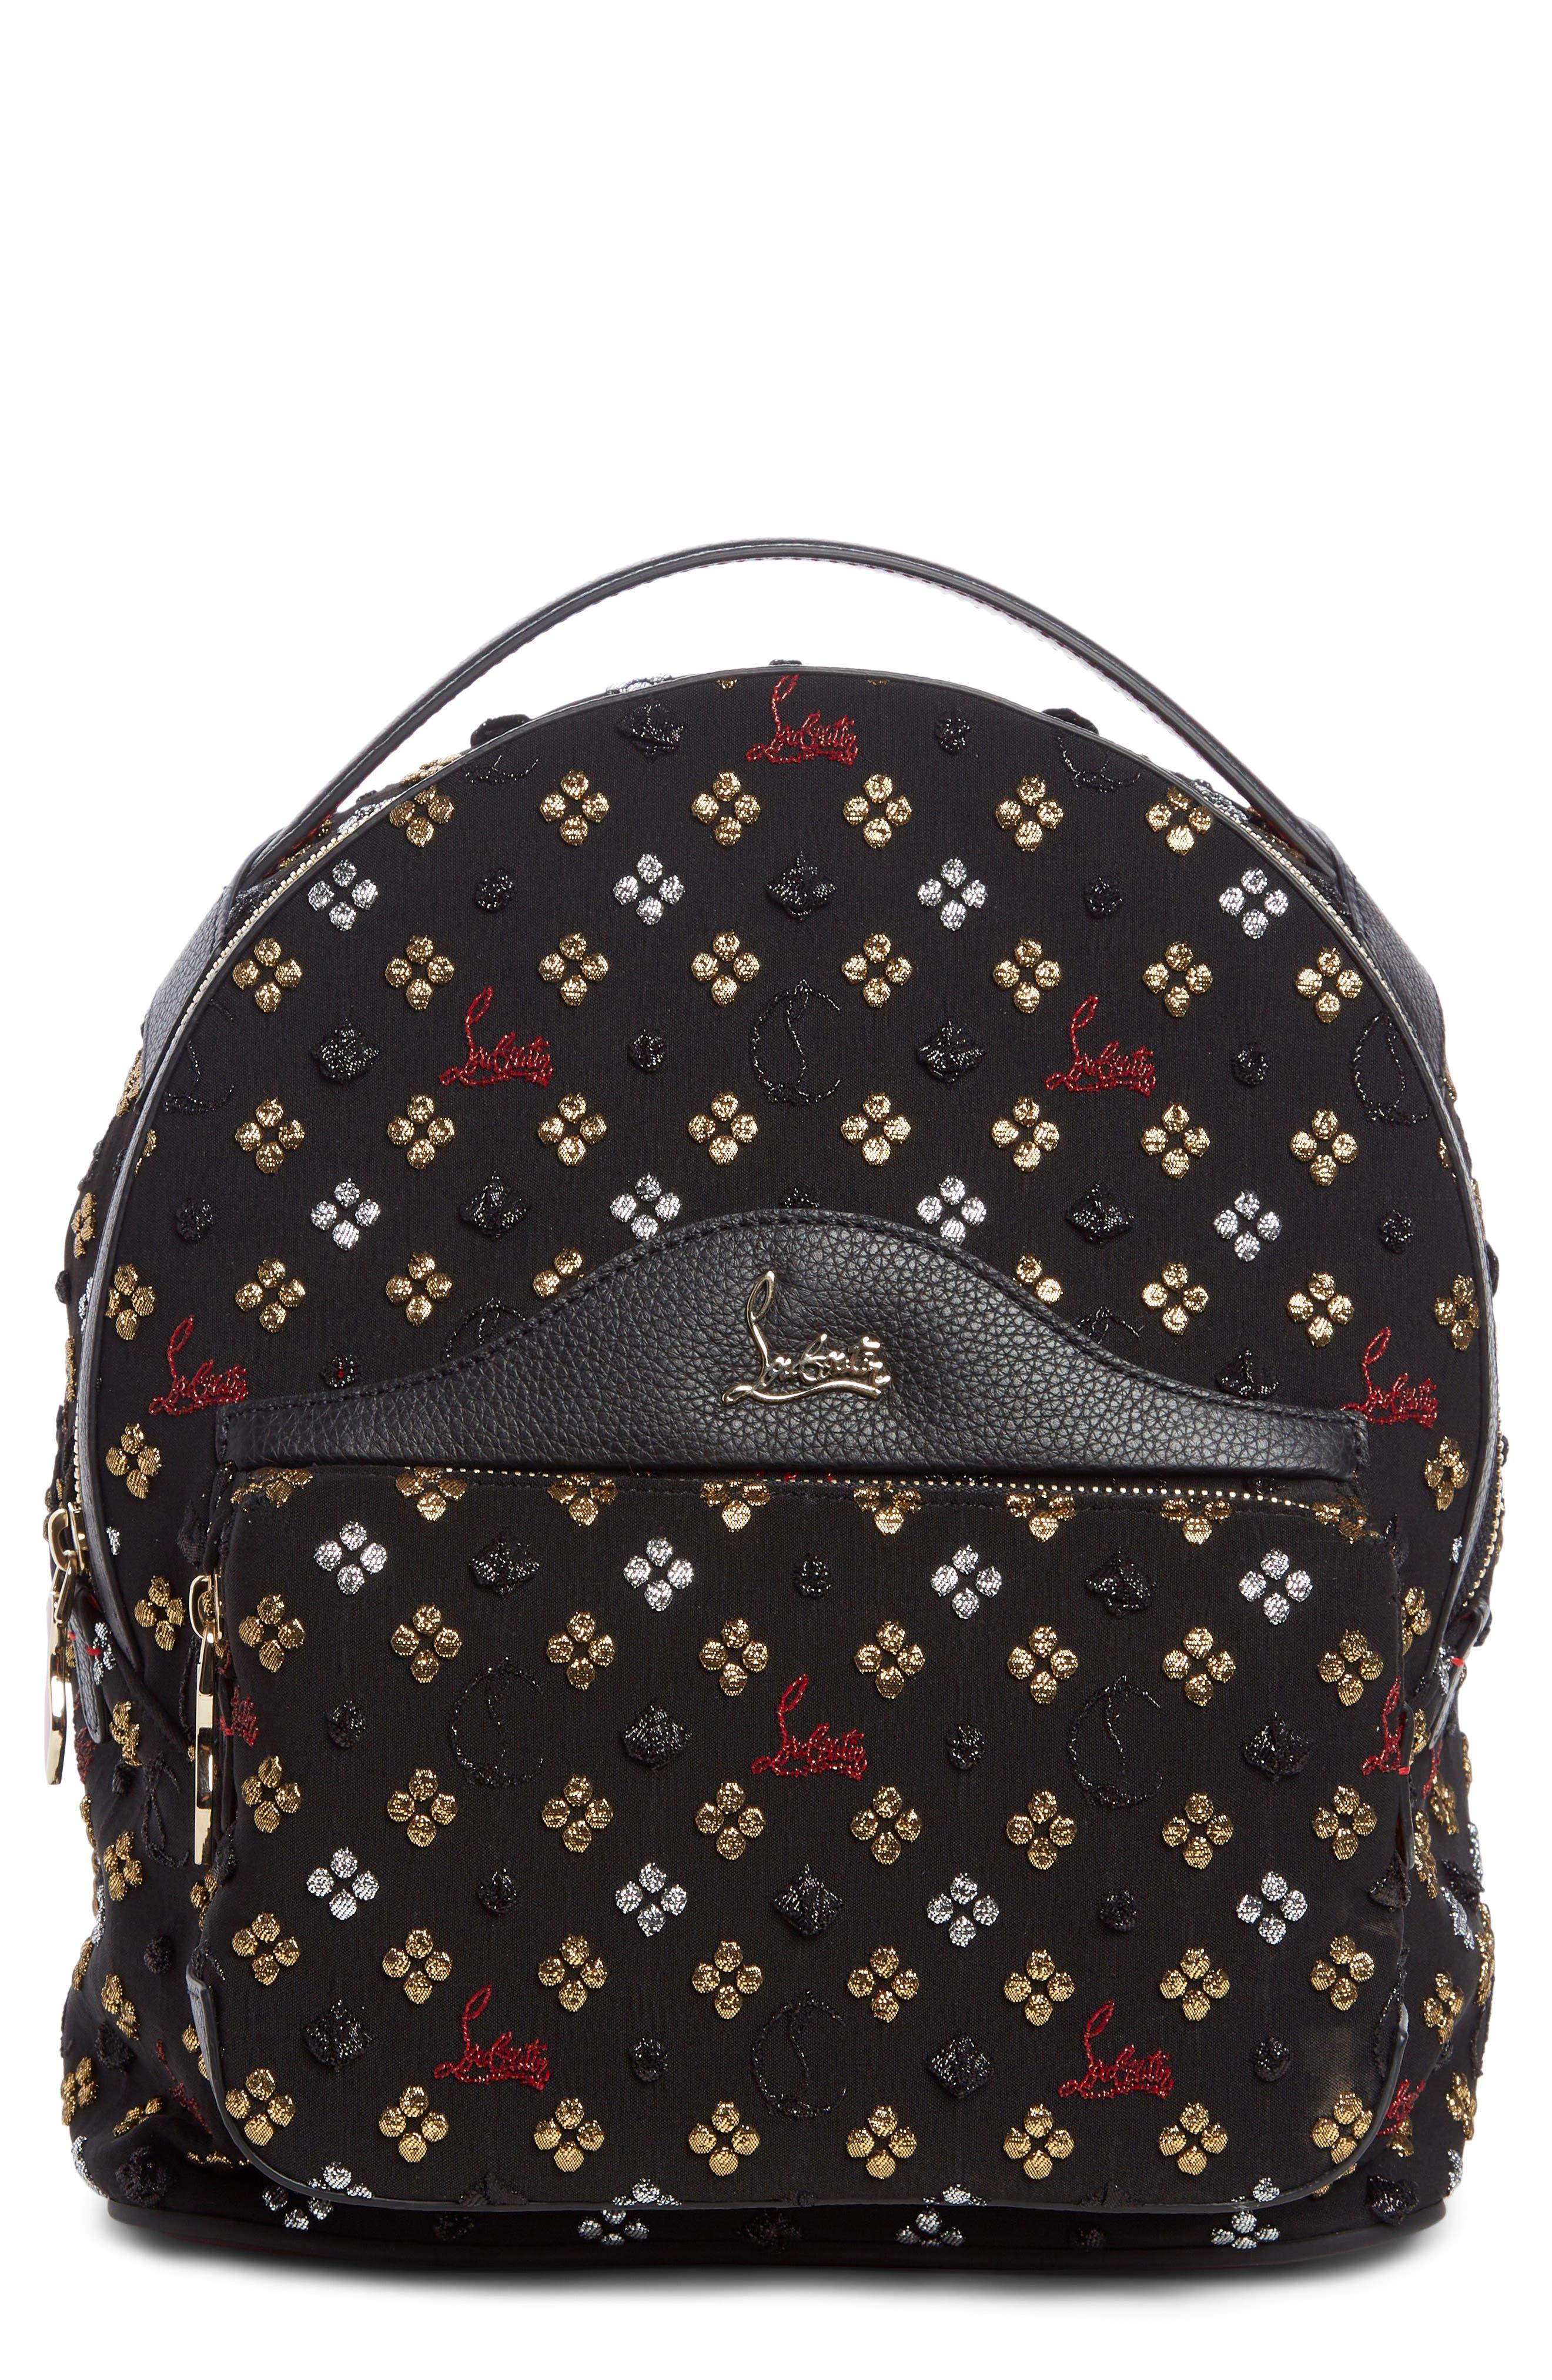 Small Backloubi Metallic Jacquard Backpack,                             Main thumbnail 1, color,                             Black Multi